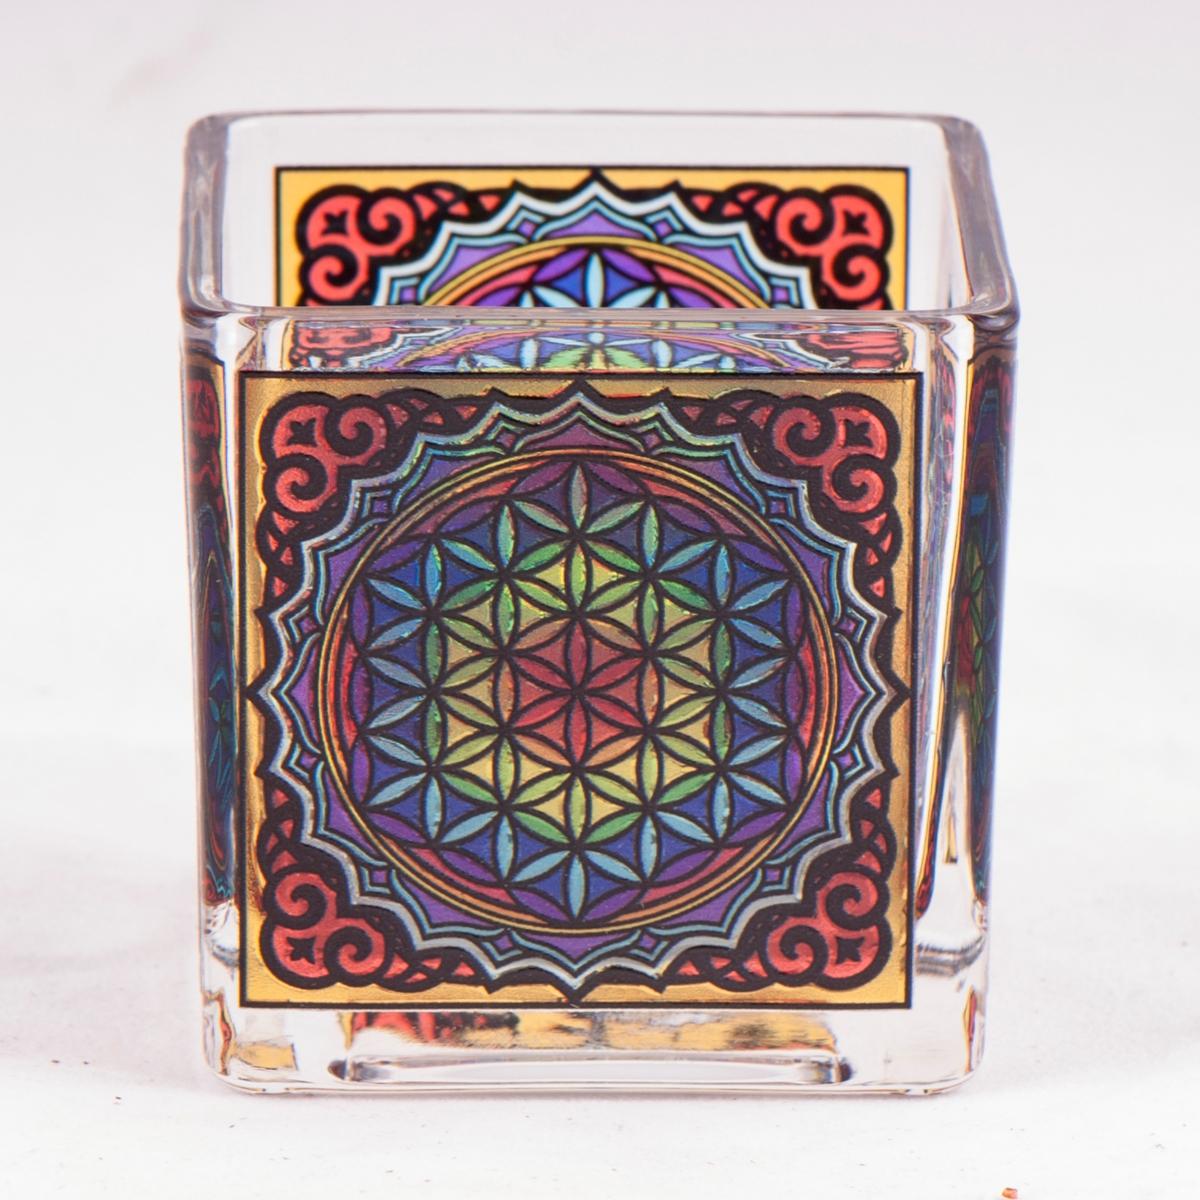 Telysholder Flower of Life Glass